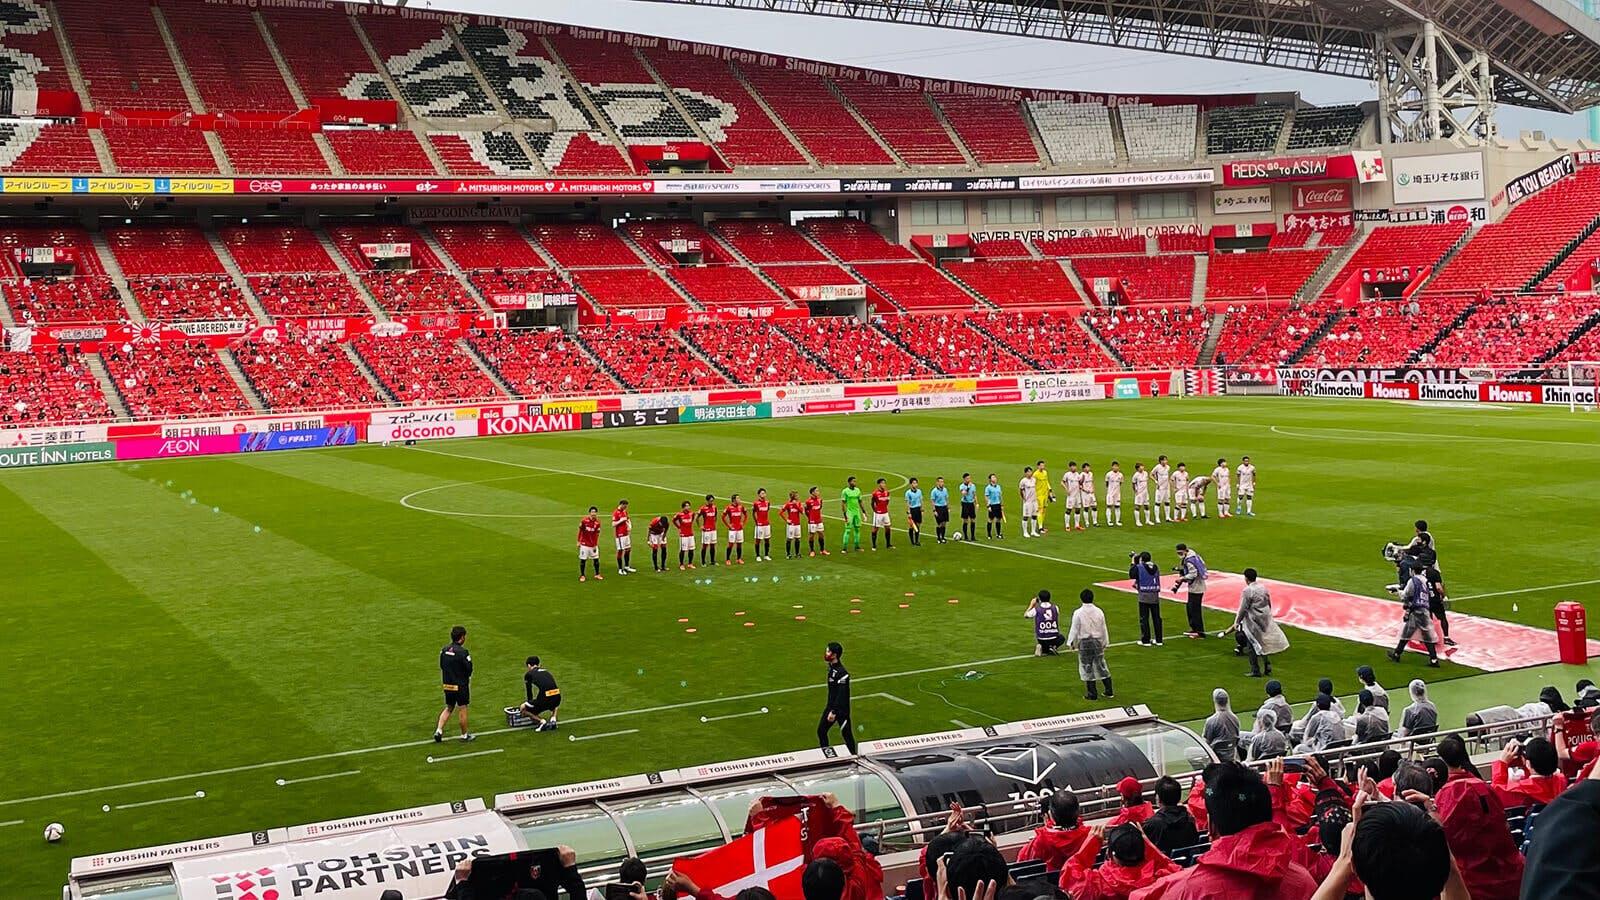 2021 Jリーグ 第17節 埼玉スタジアム2002 名古屋グランパス戦